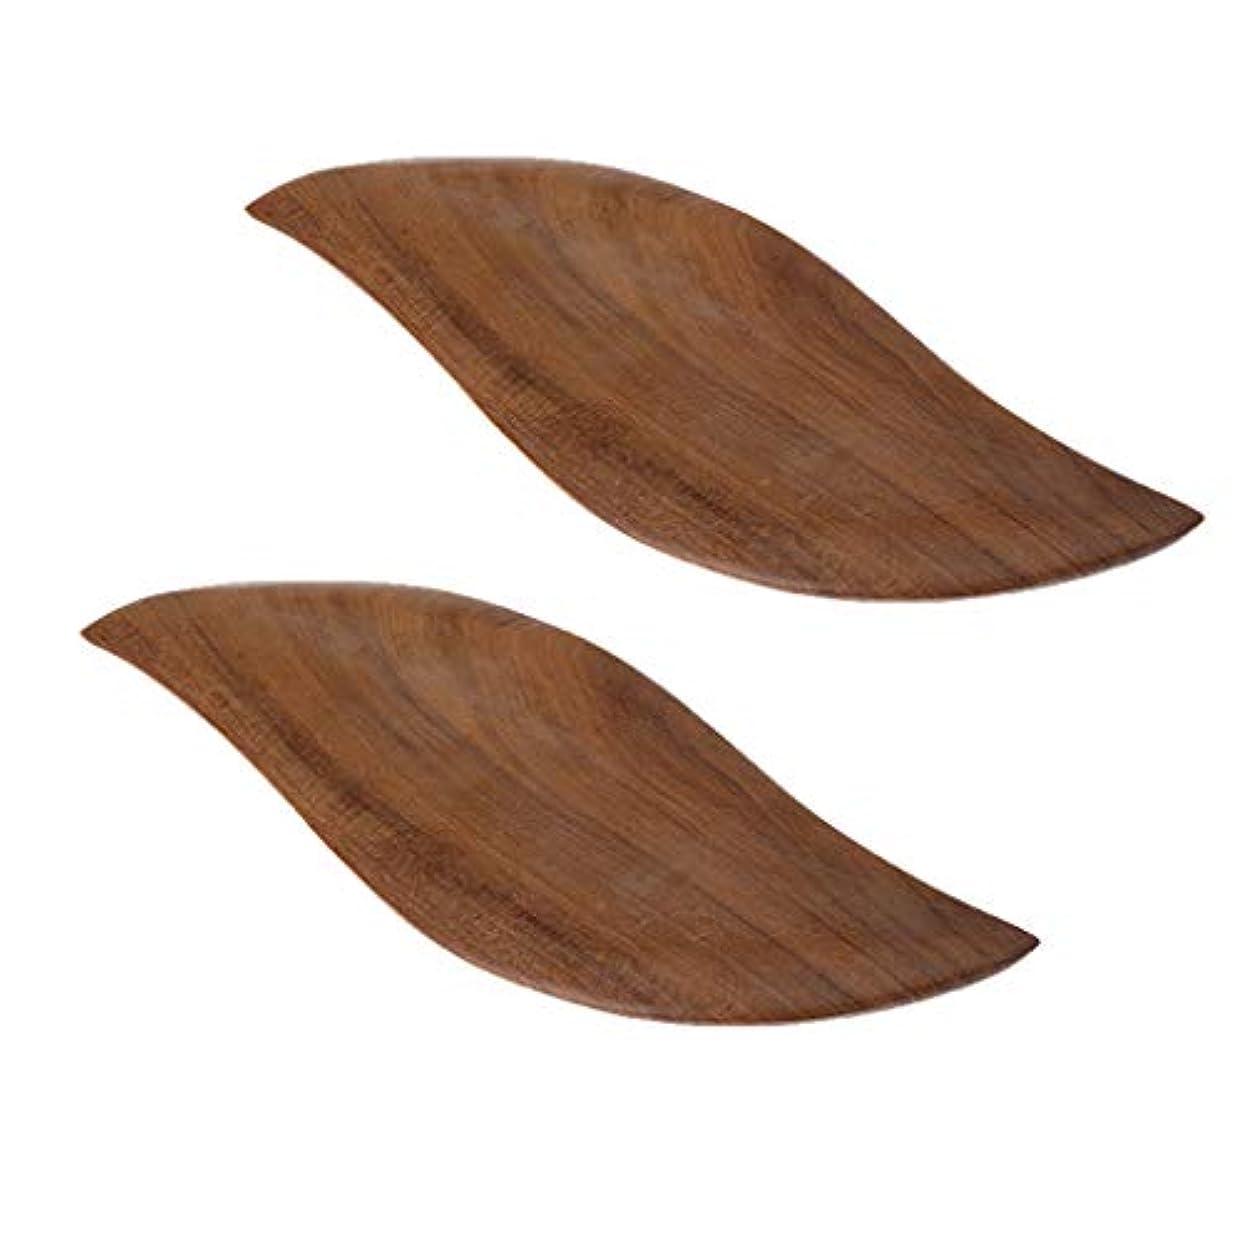 落ち込んでいる迷信研磨剤Baoblaze 2枚 かっさプレート フェイスケア ボディーケア リラックス ツボ押し 木製